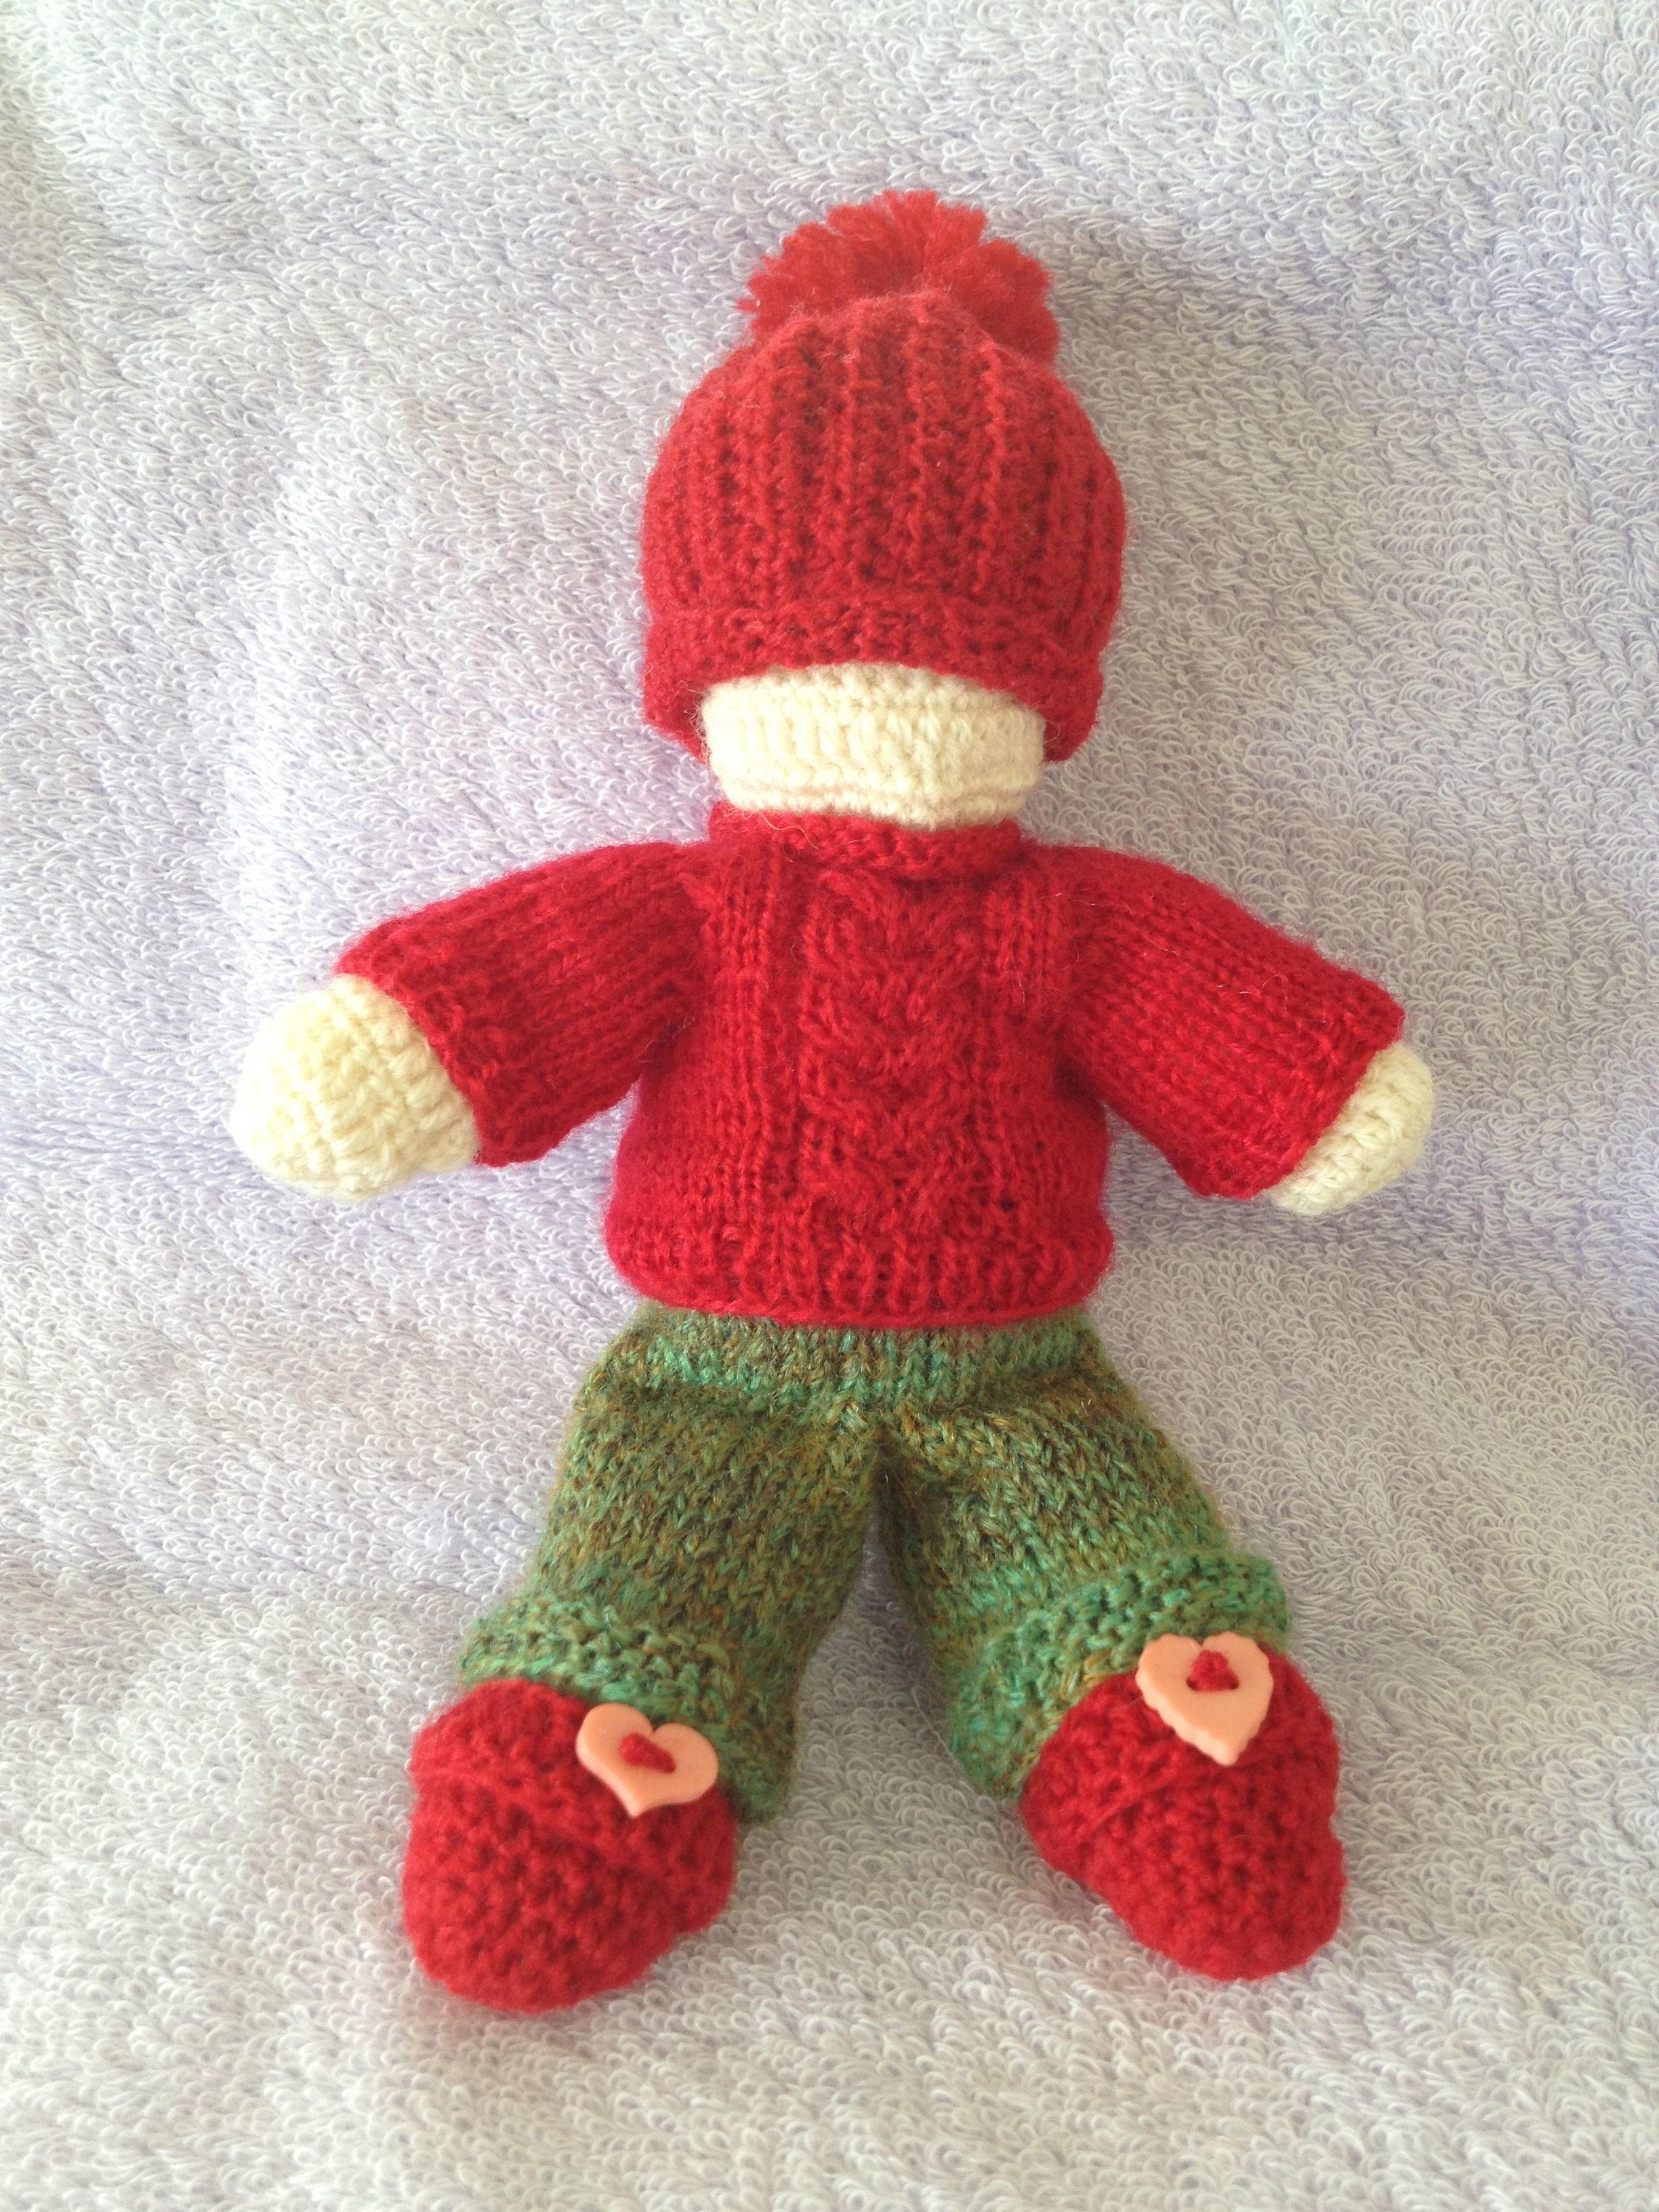 編みぐるみ MISETちゃん人形 赤いセーター